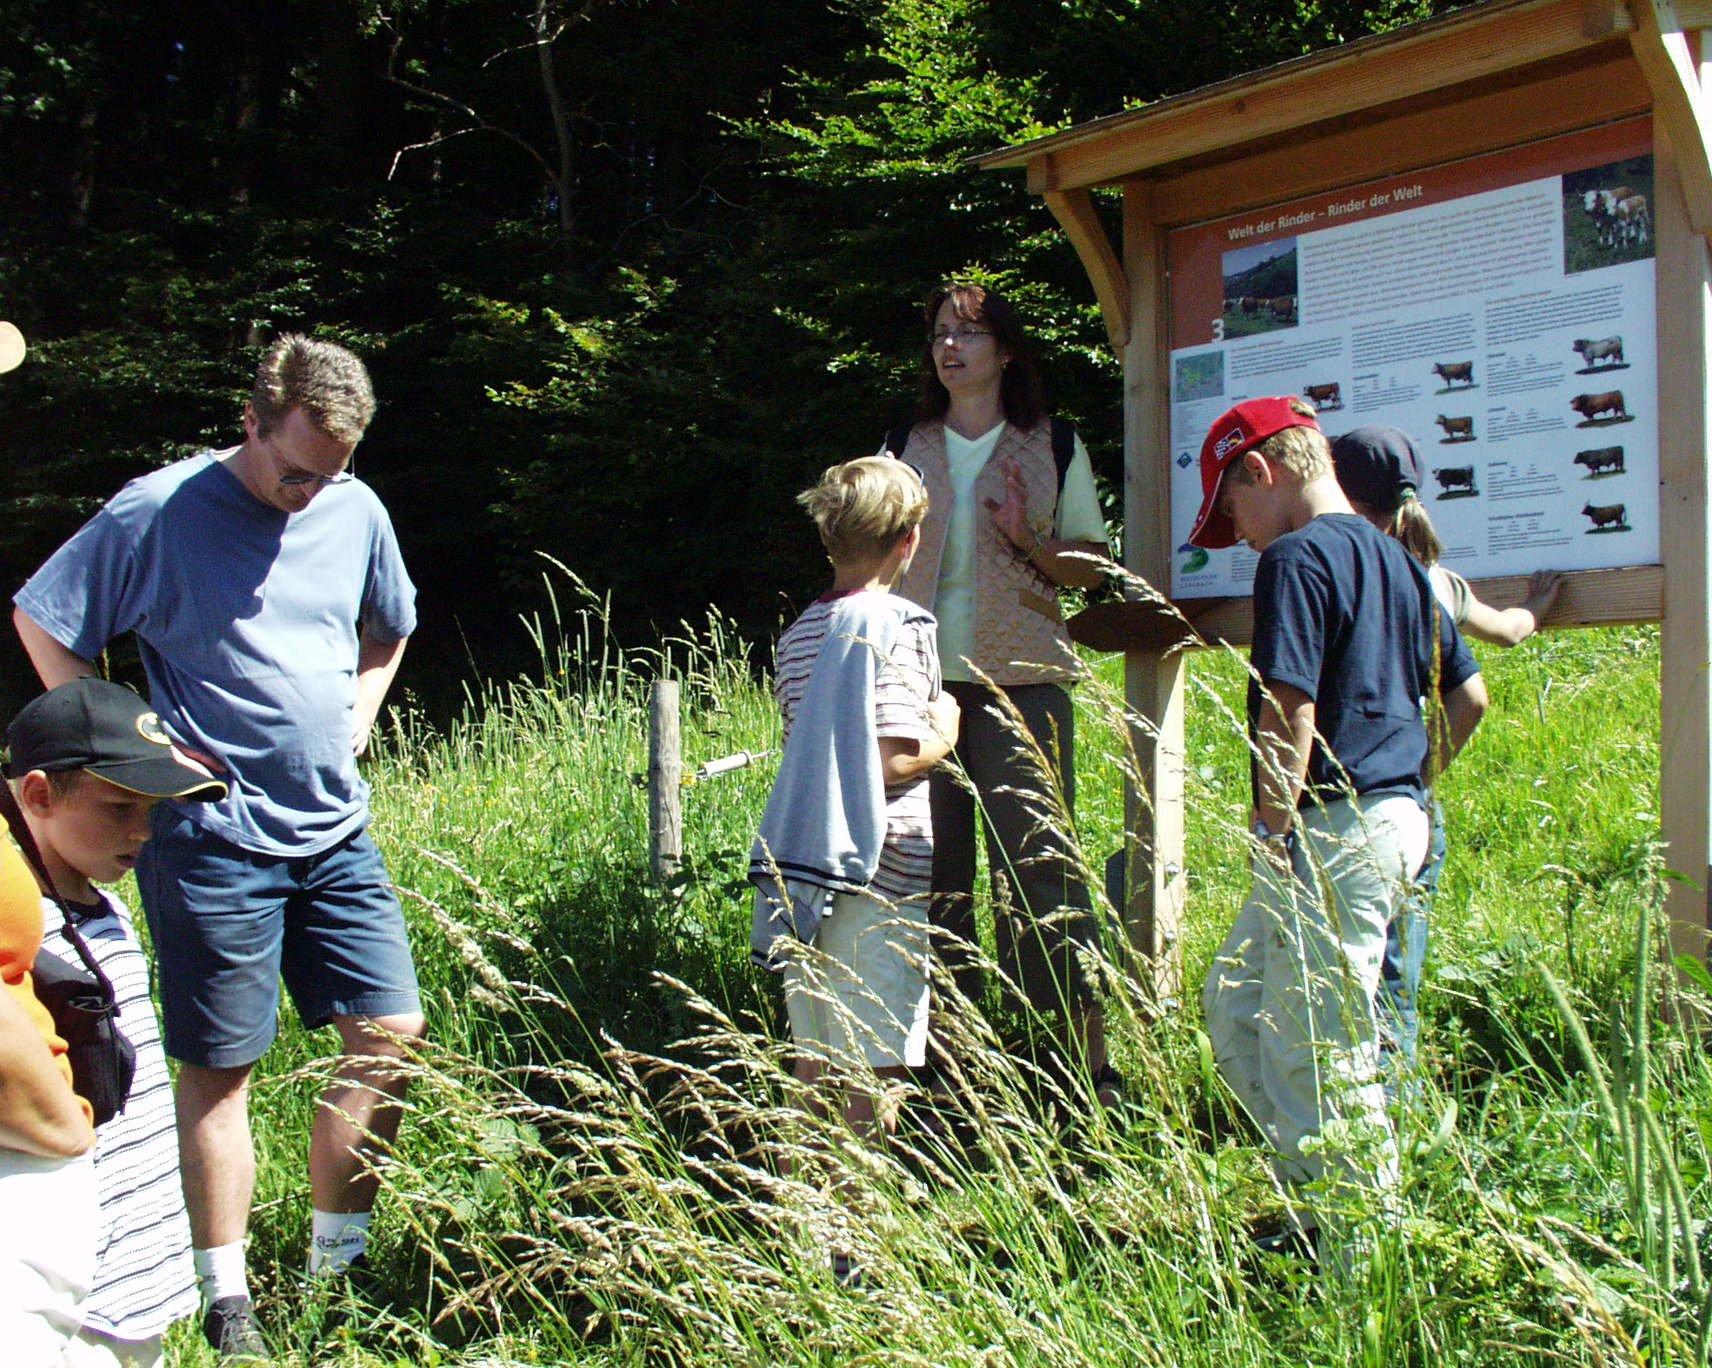 Familie auf dem Rinderlehrpfad